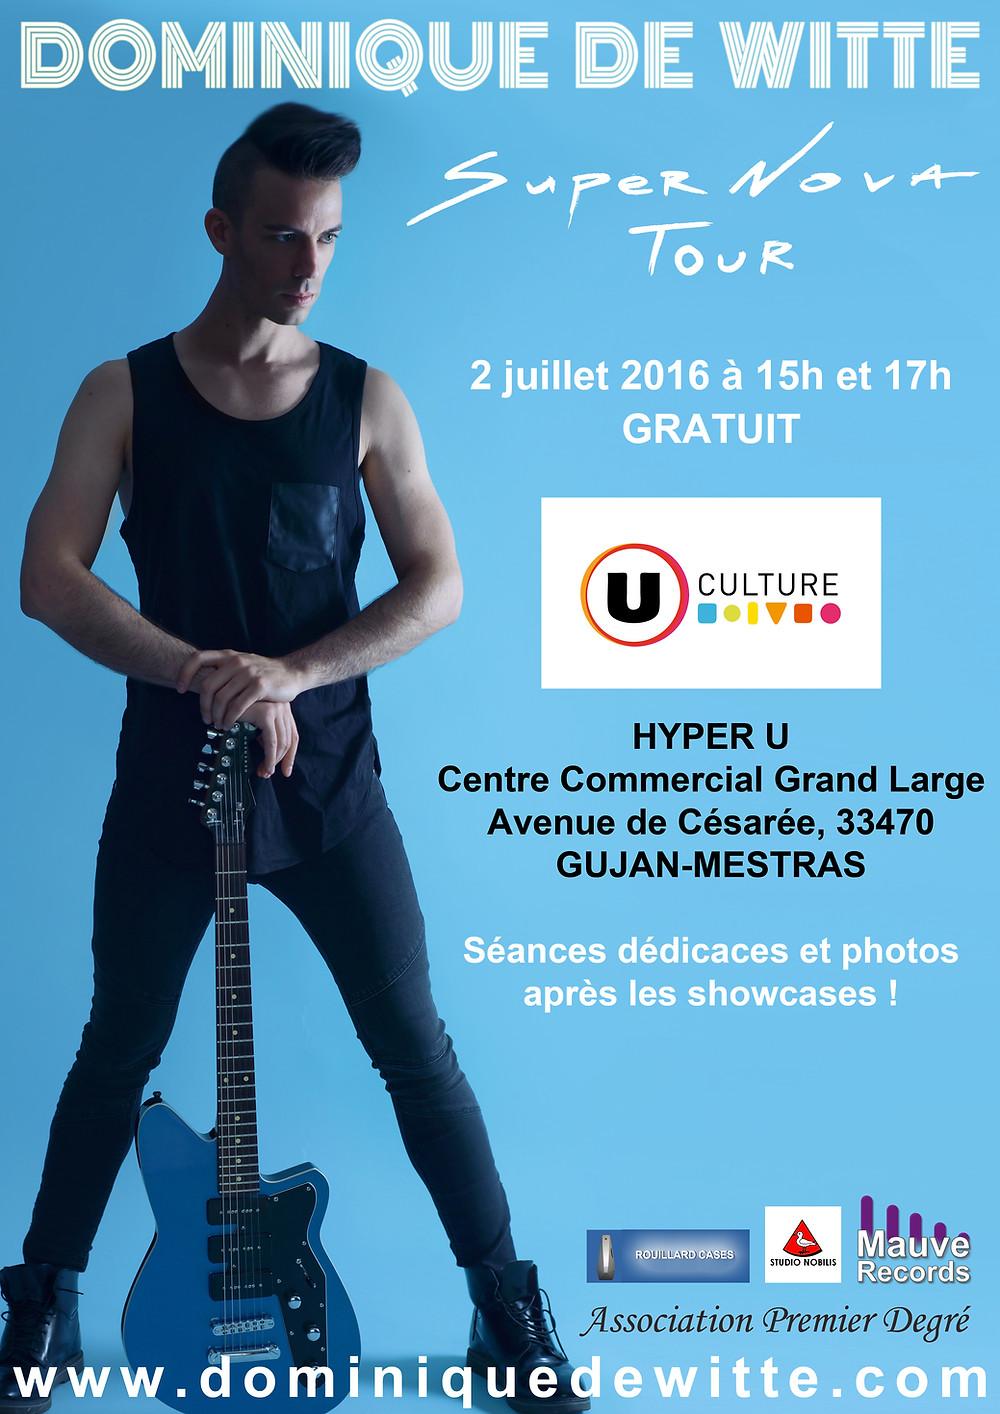 Dominique de Witte - SUPERNOVA TOUR - U CULTURE à Gujan Mestras 2 juillet 2016 - SHOWCASE